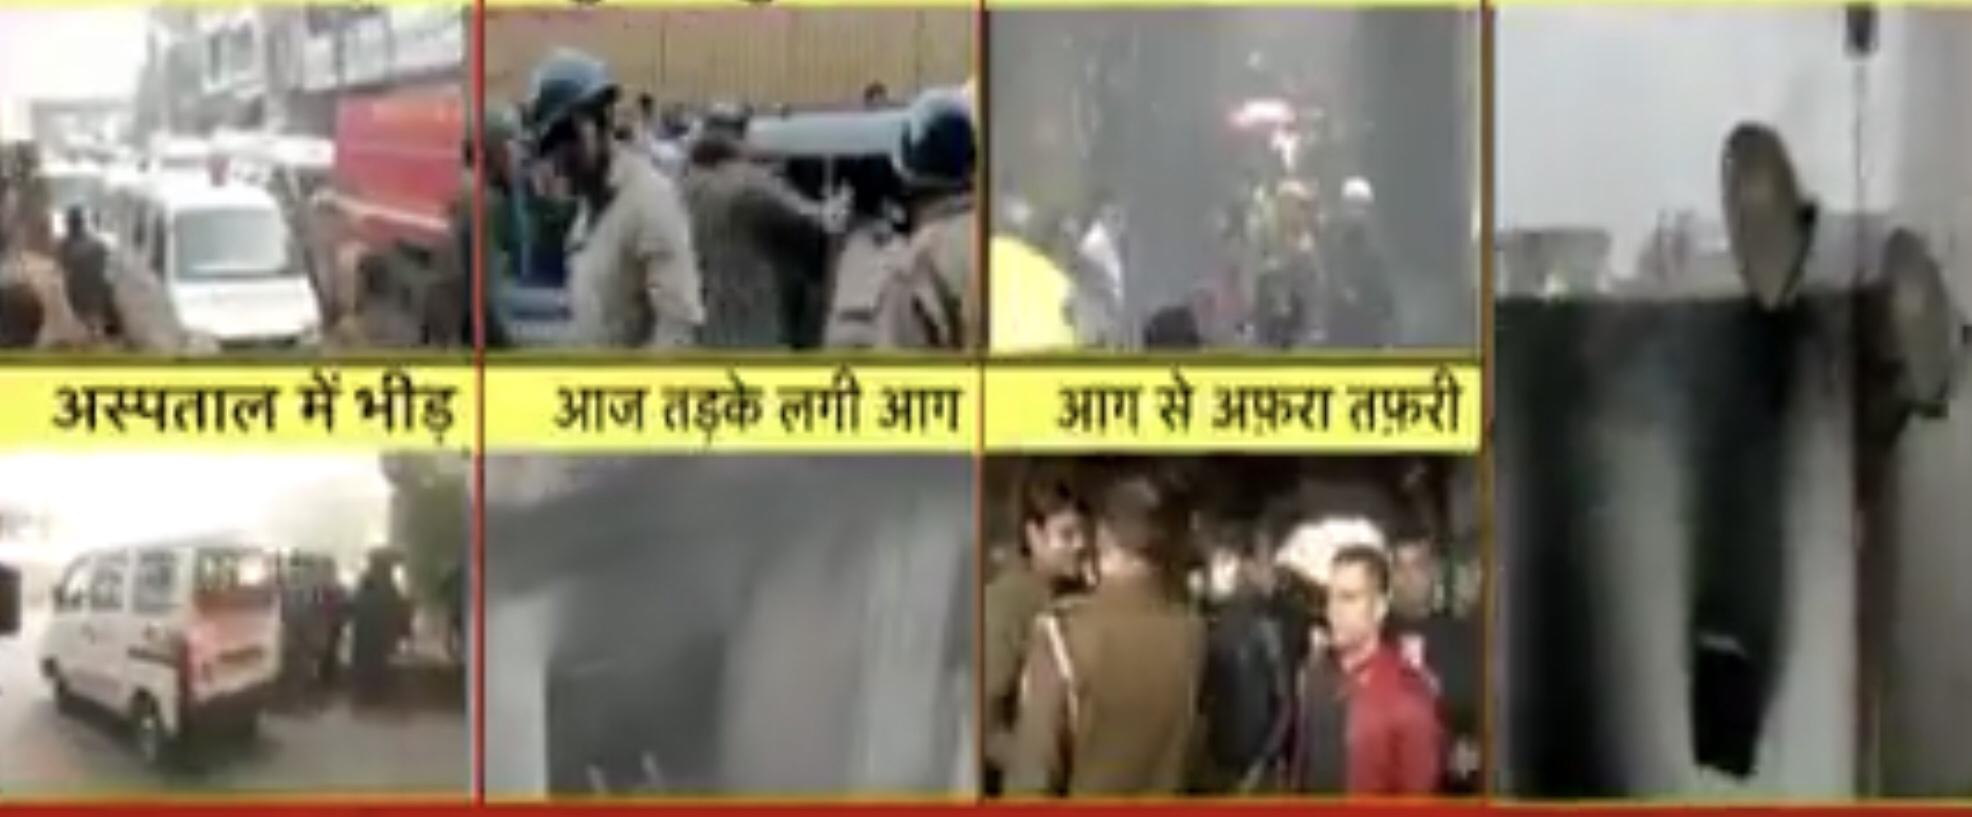 Τώρα: Στις φλόγες εργοστάσιο στο Νέο Δελχί με δεκάδες νεκρούς